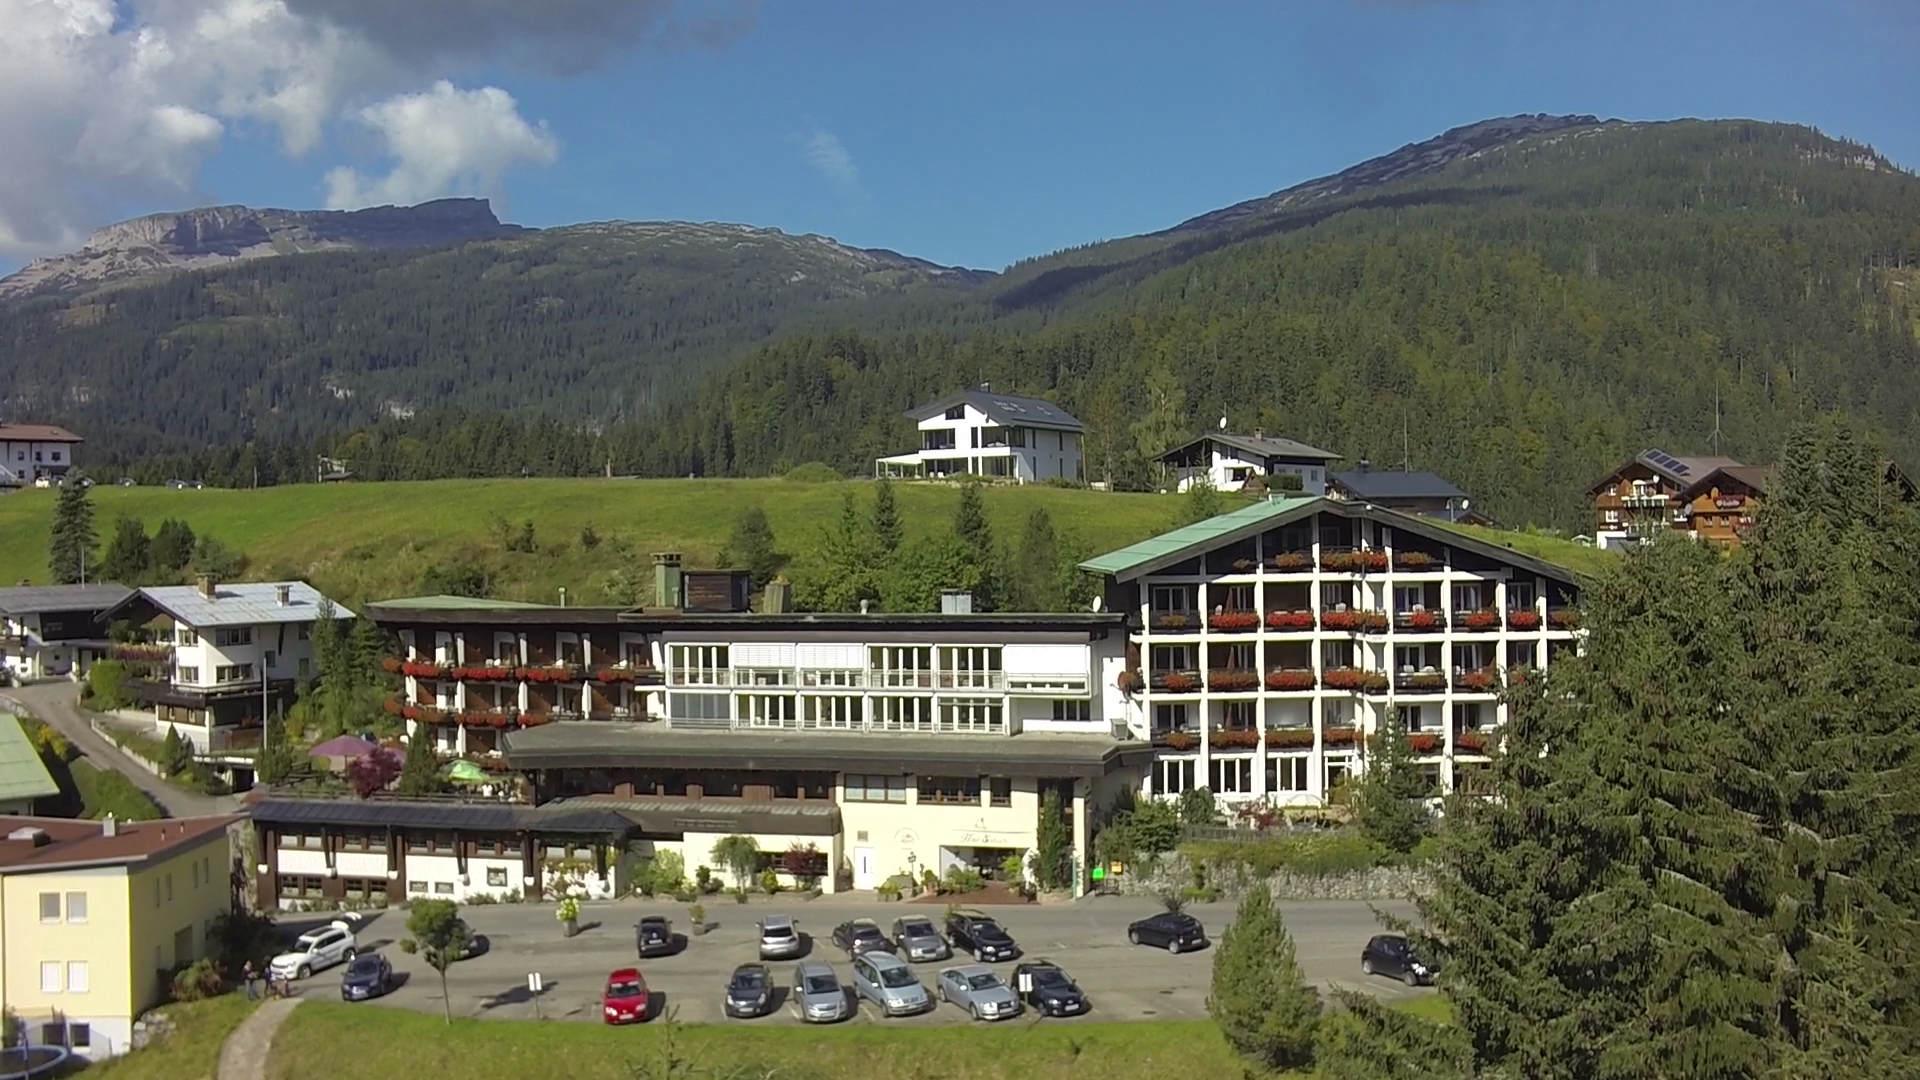 Hotel Erlebach Kleinwalsertal Sommer